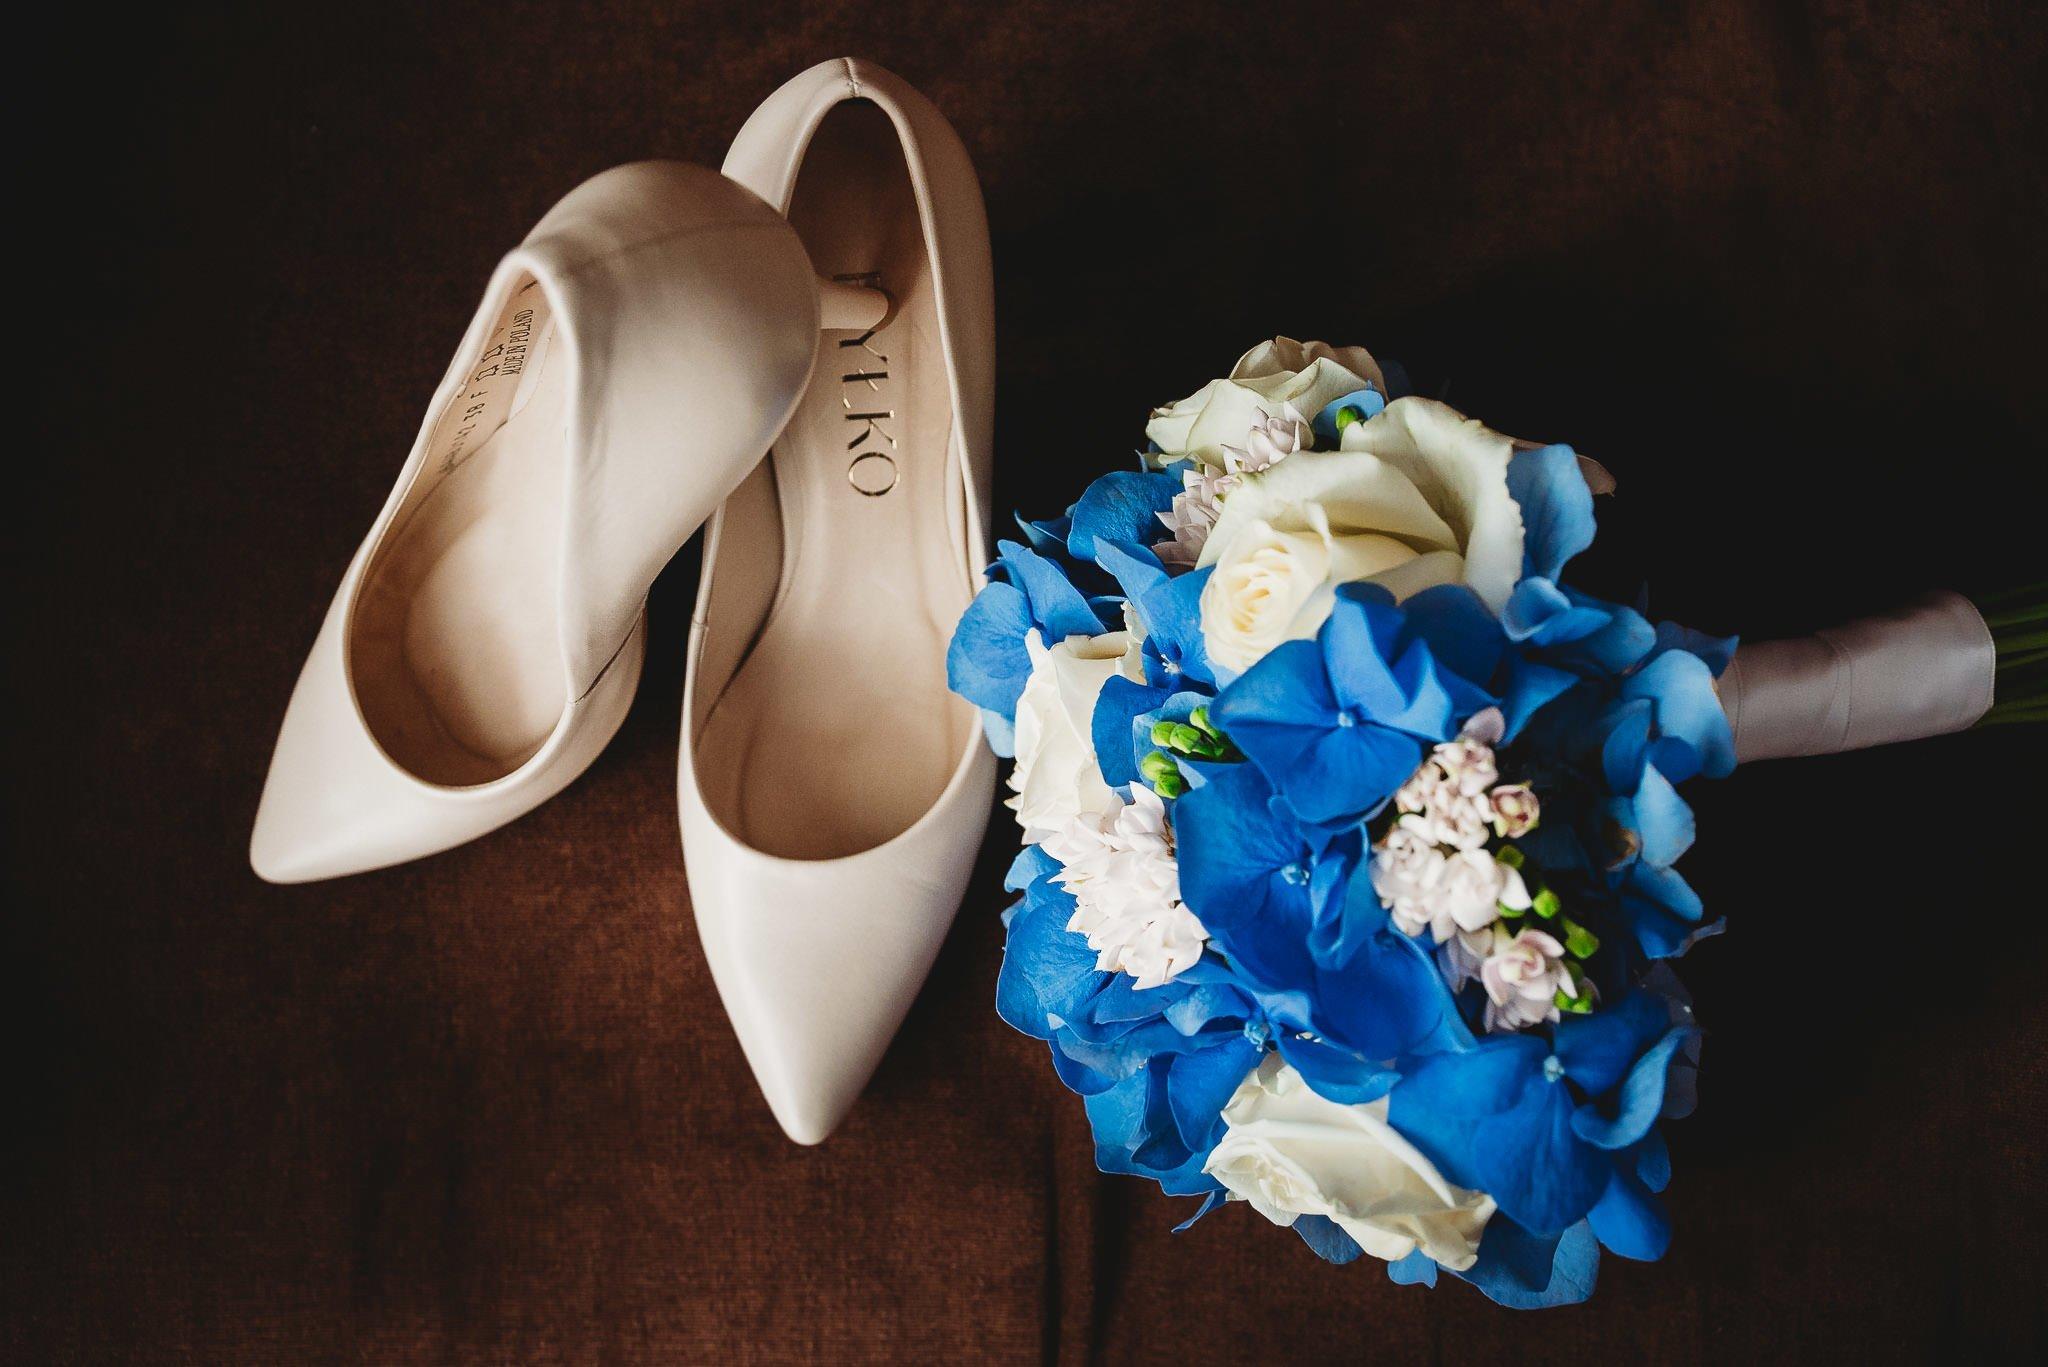 przygotowania panny młodej, hotel papaver ślesin, kreatywna fotografia, magia zdjęcia, buty, ryłoko, bukiet, kwiaty,